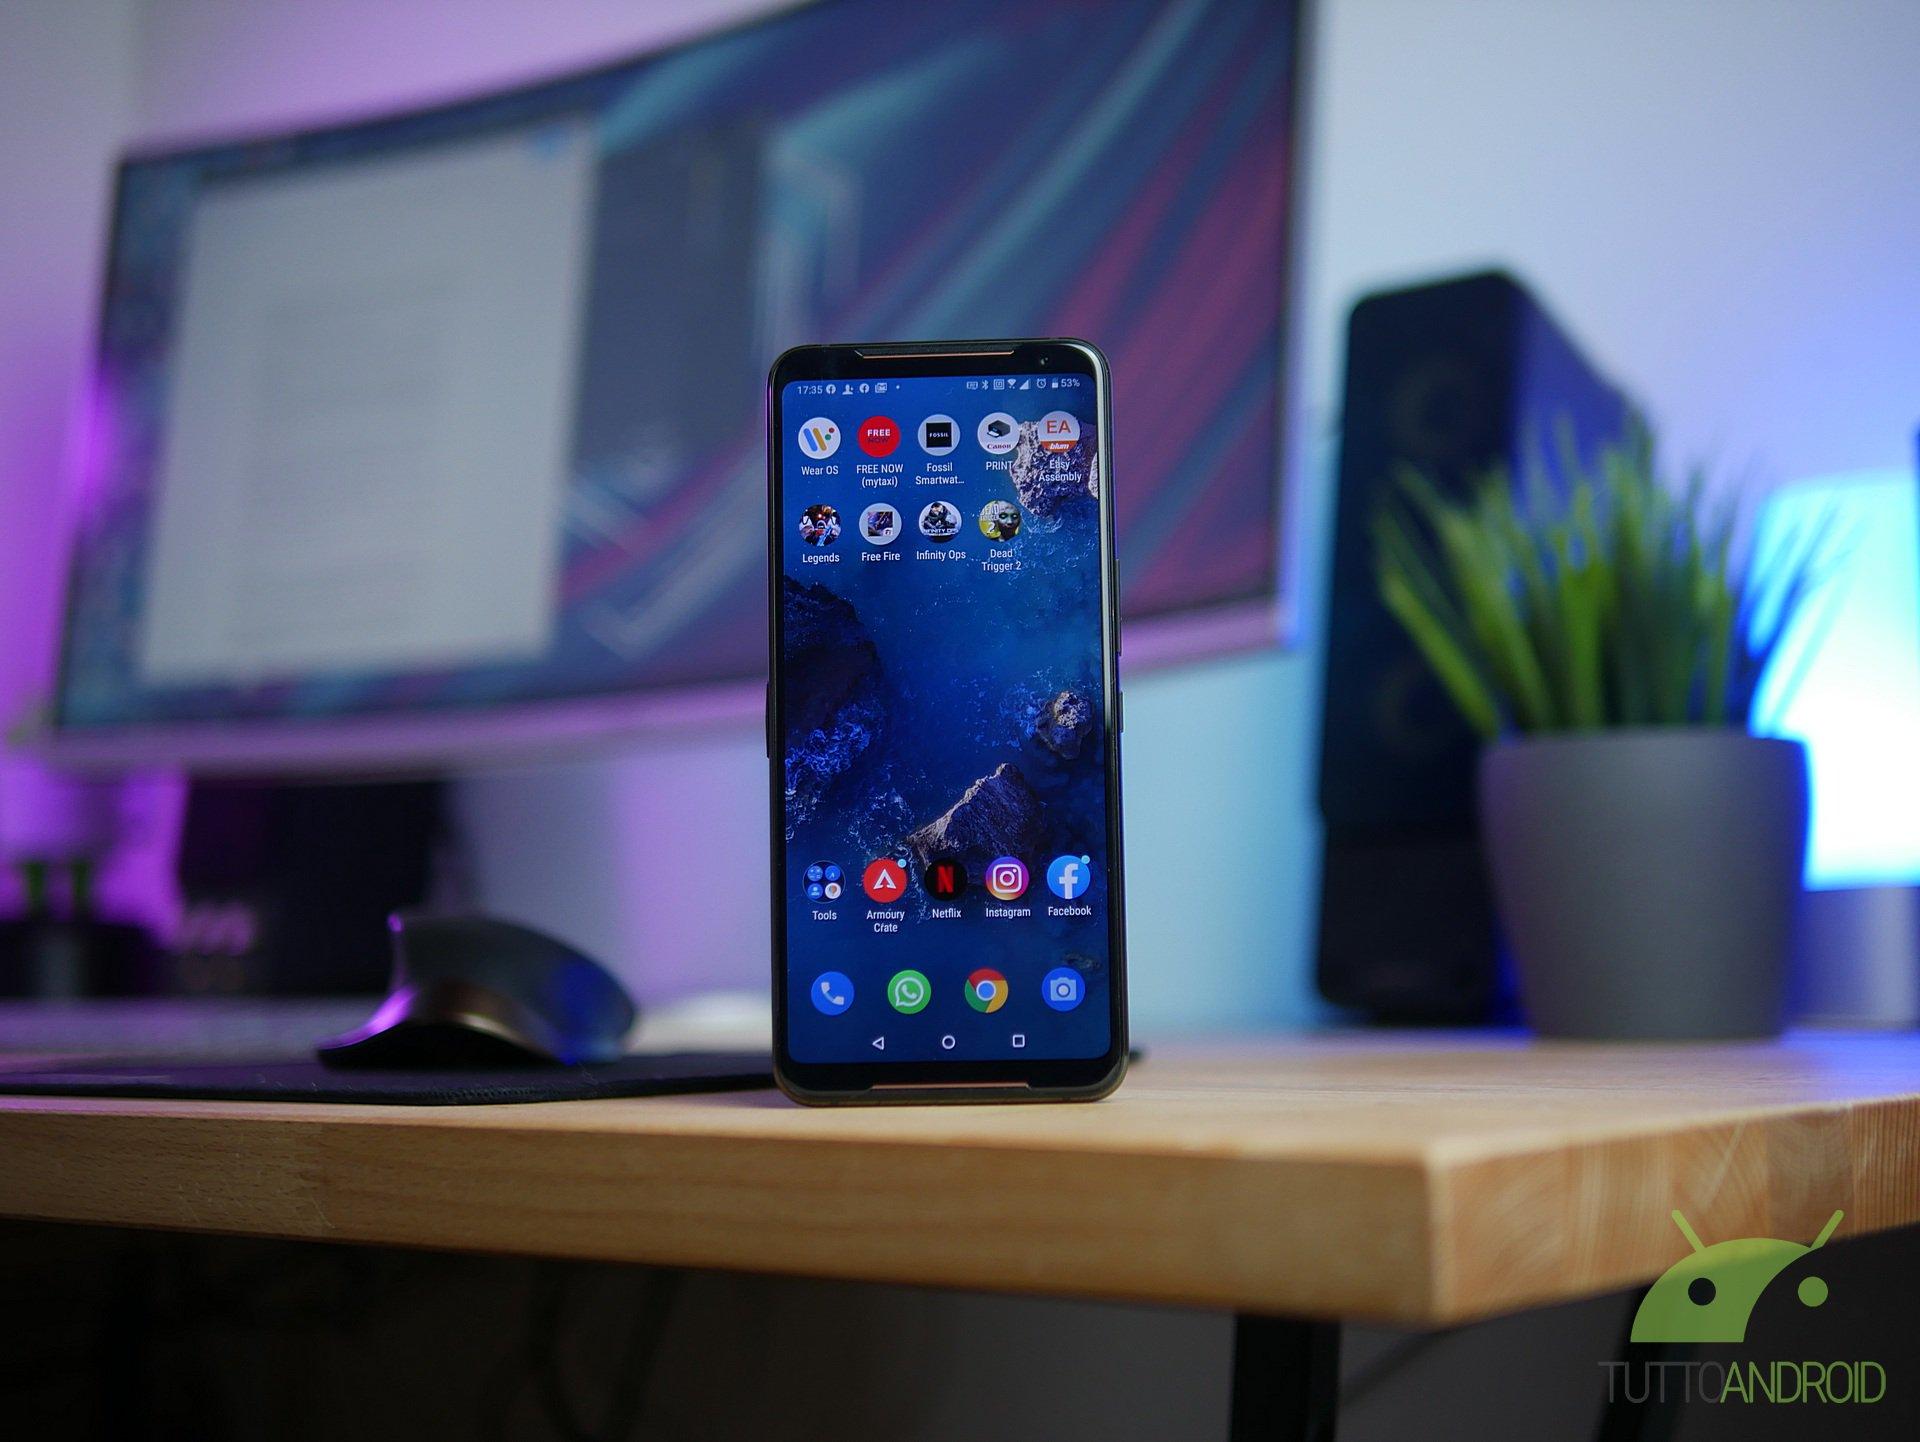 Tinjau ASUS ROG Phone 2: teknik dan substansi membuatnya mendominasi 2